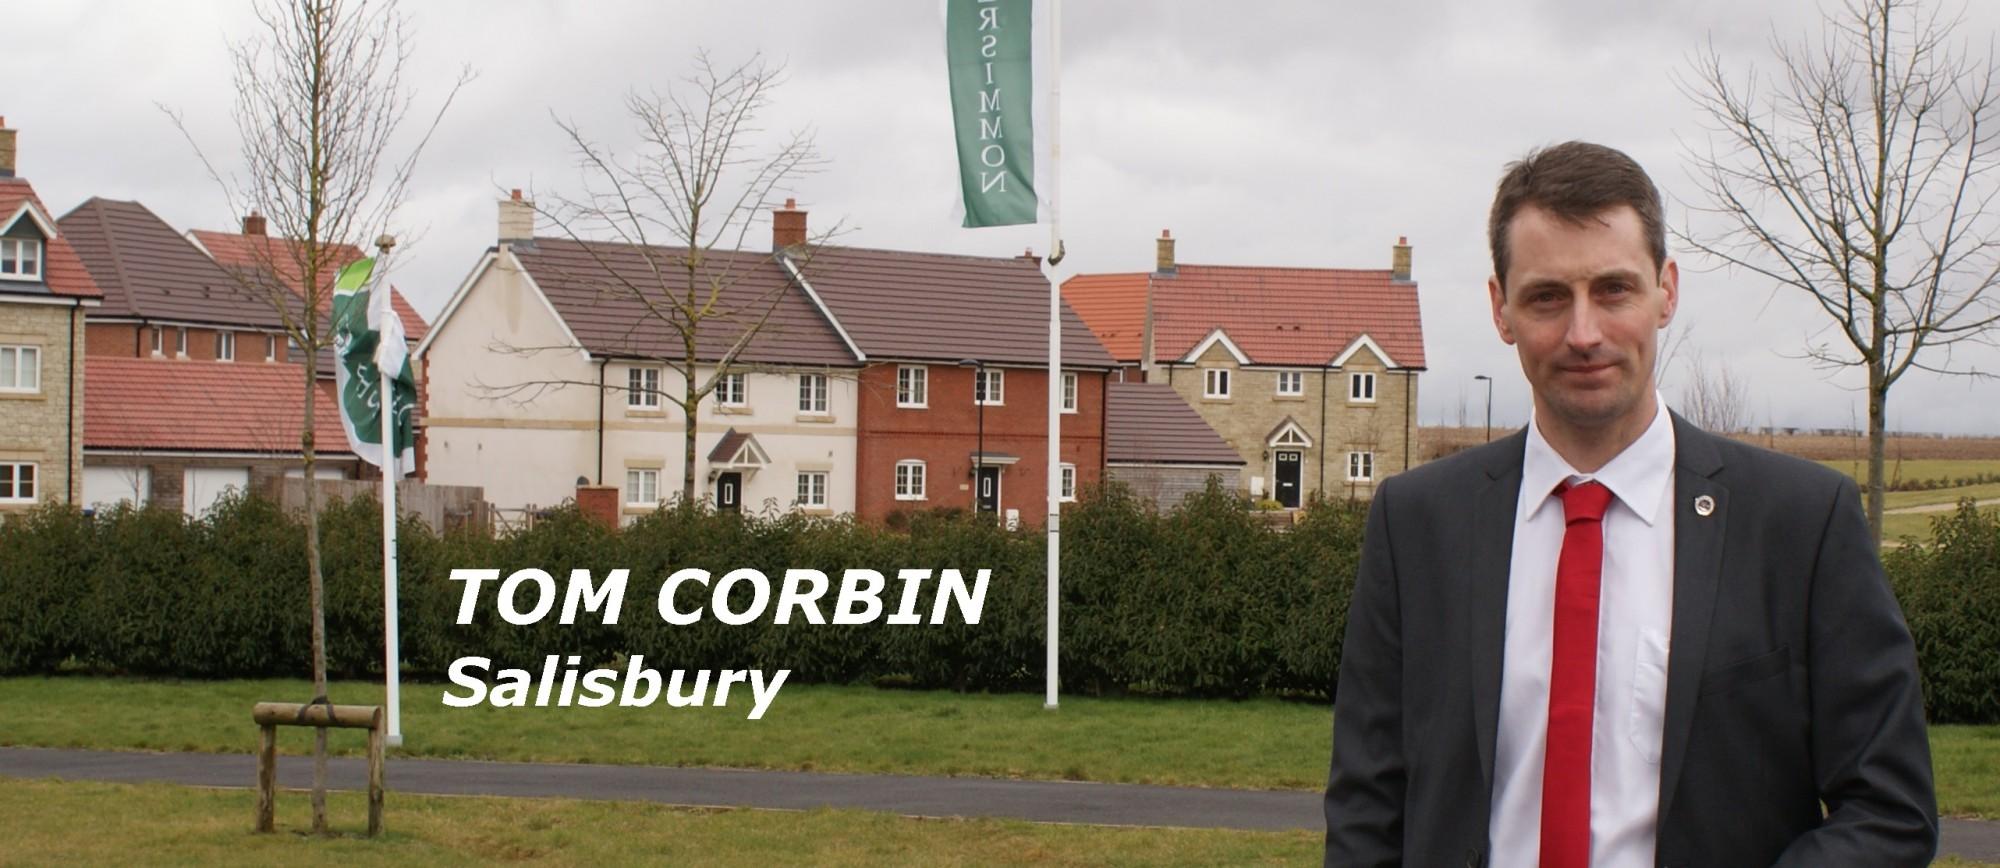 Tom Corbin